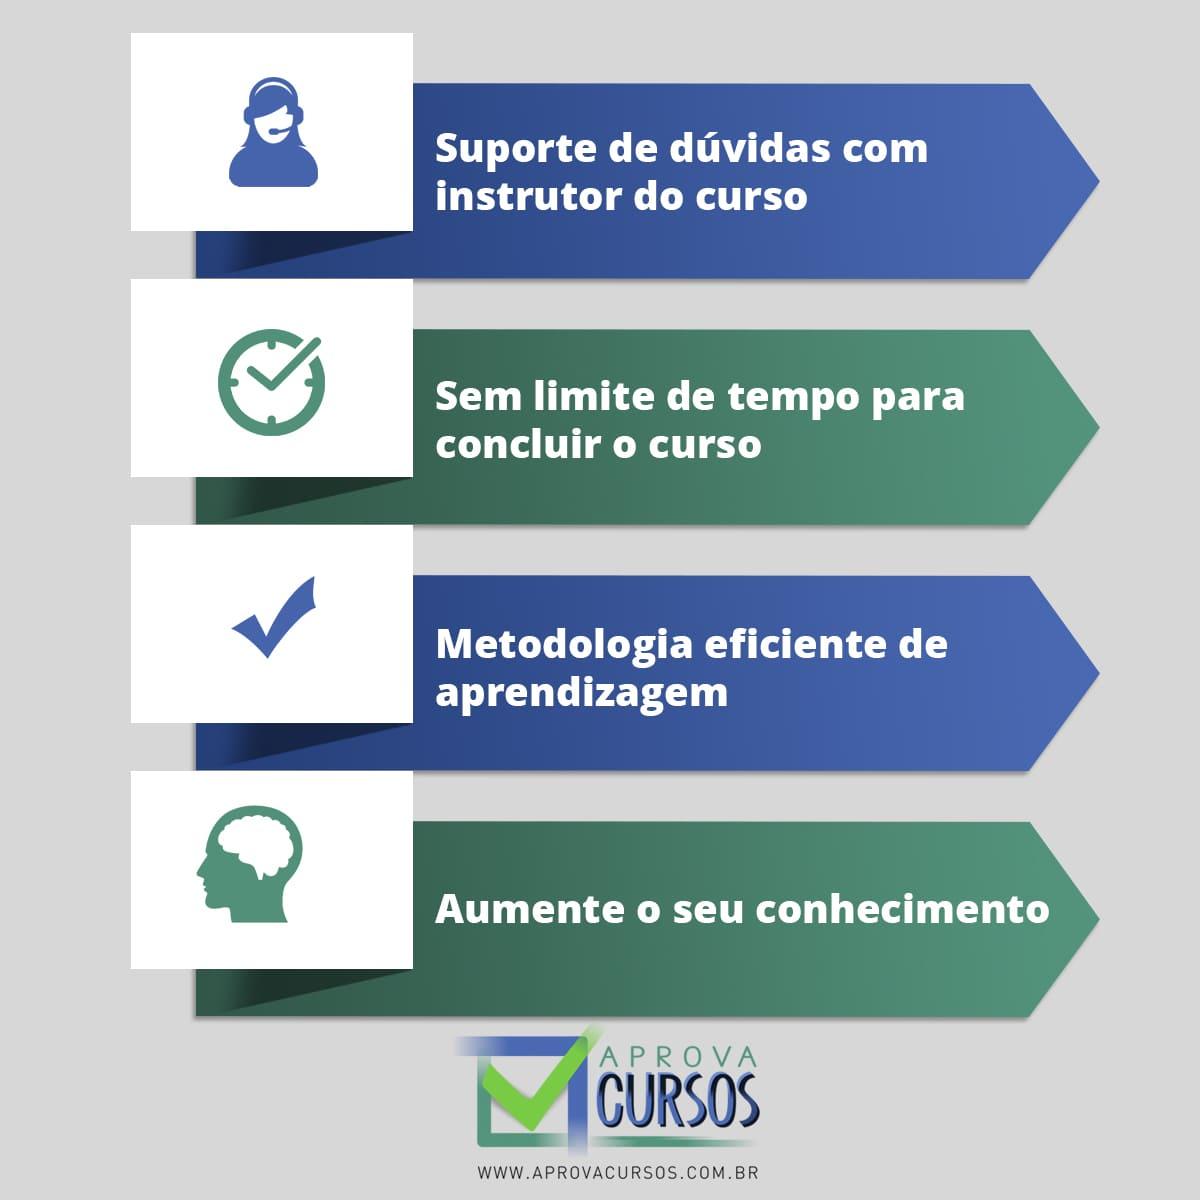 Curso Online de Higiene e Manipulação de Alimentos com Certificado  - Aprova Cursos